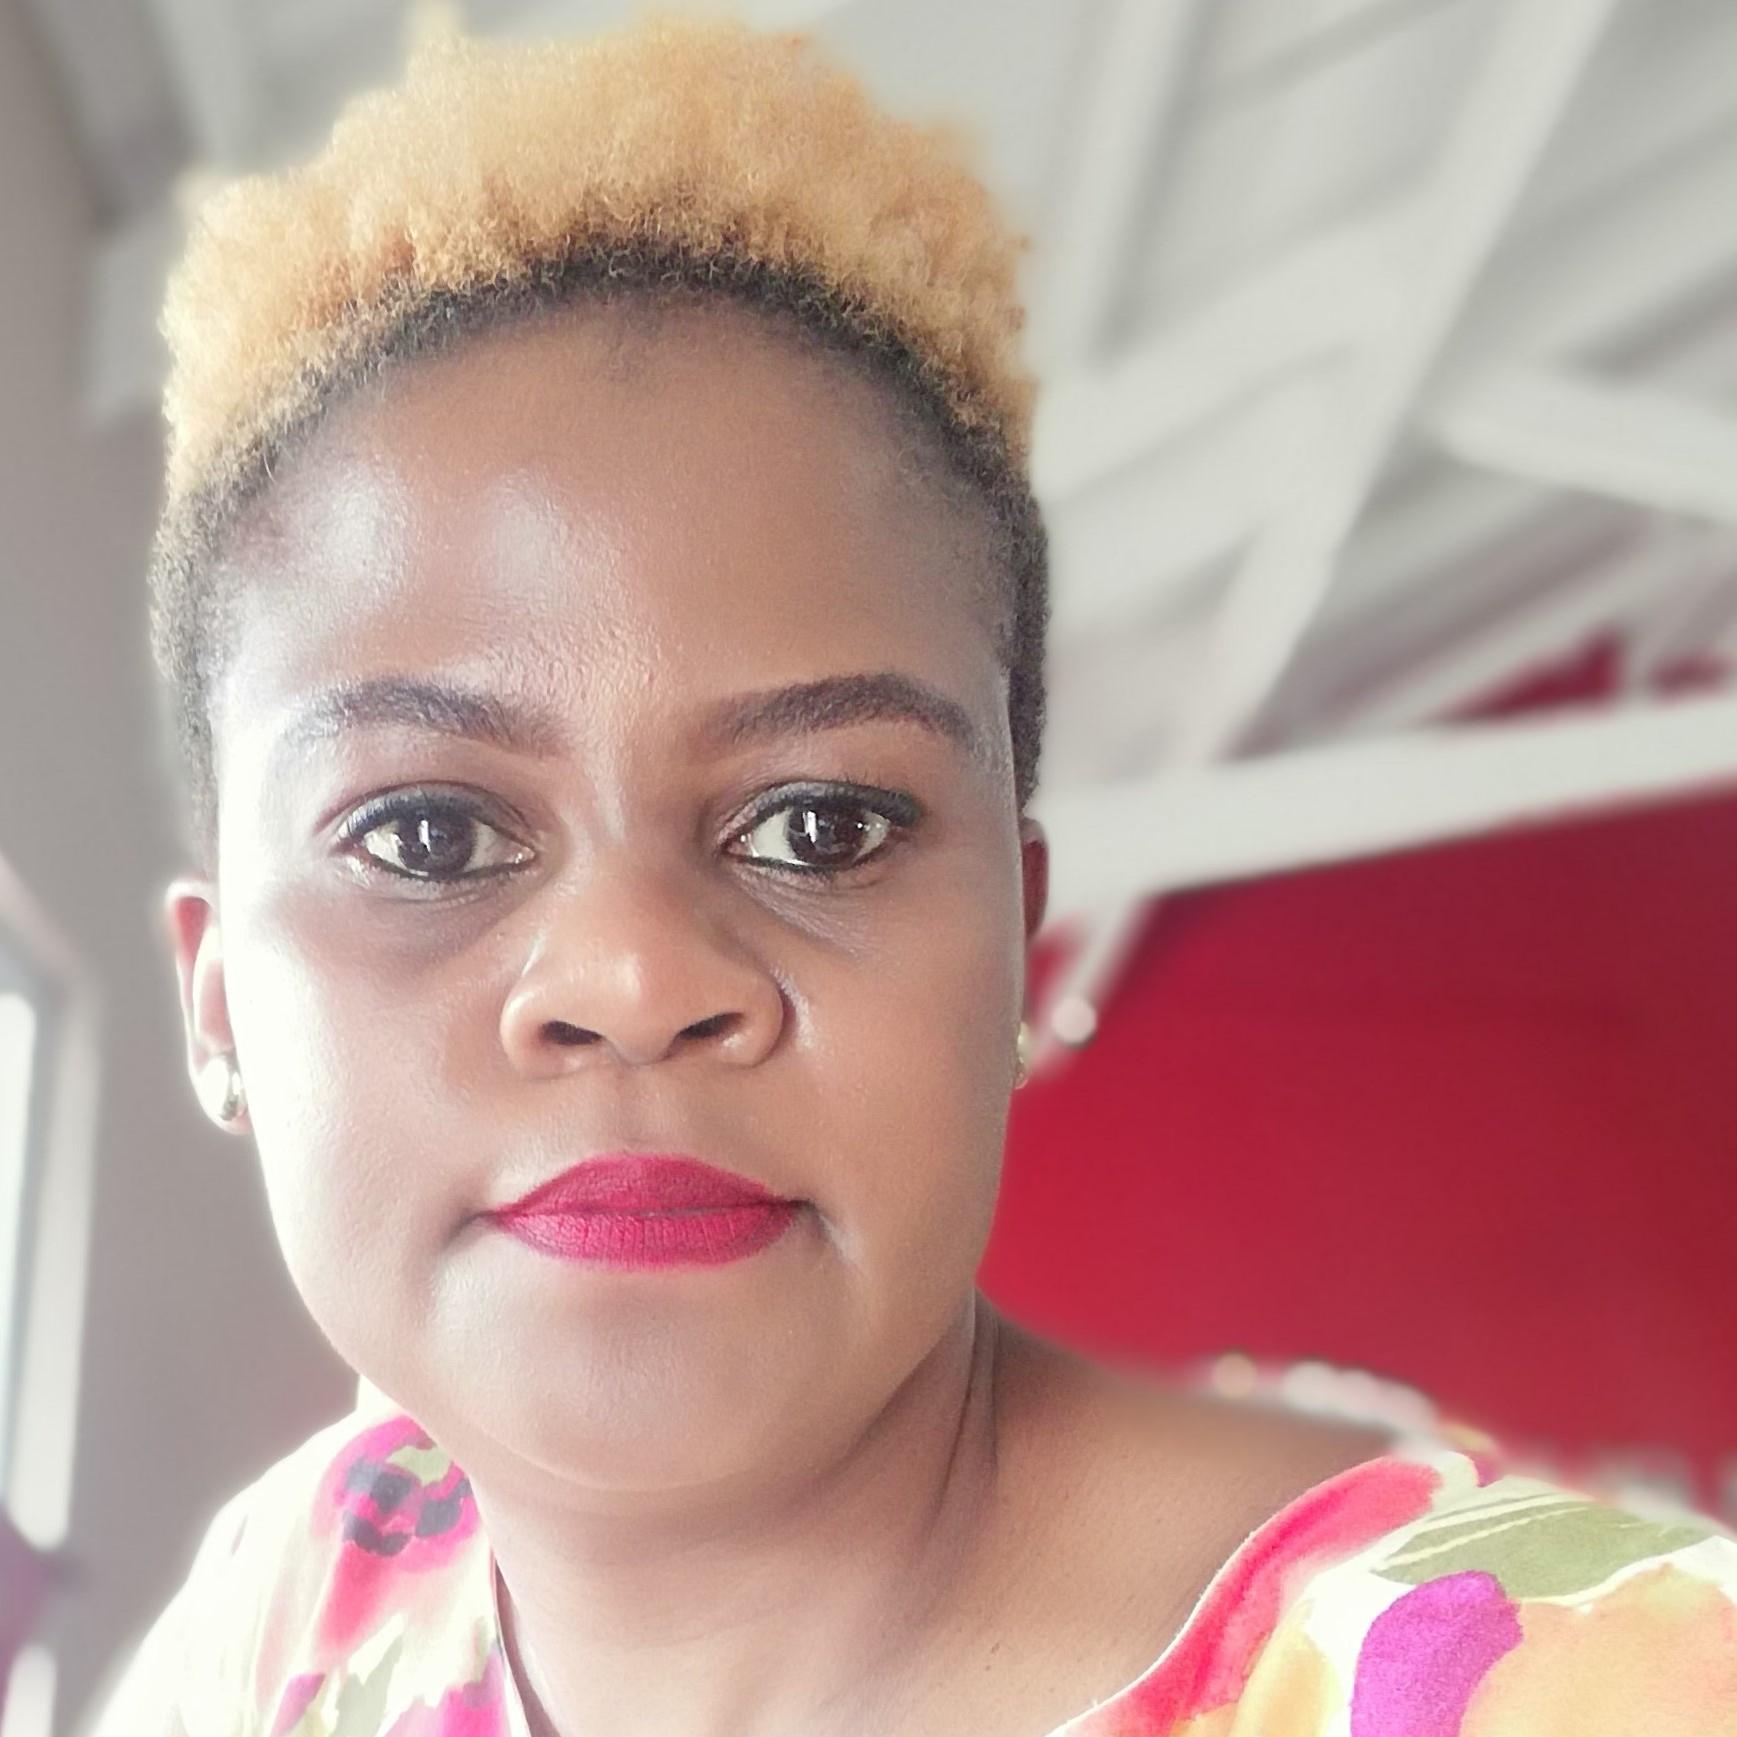 Sebenzile Mbhele